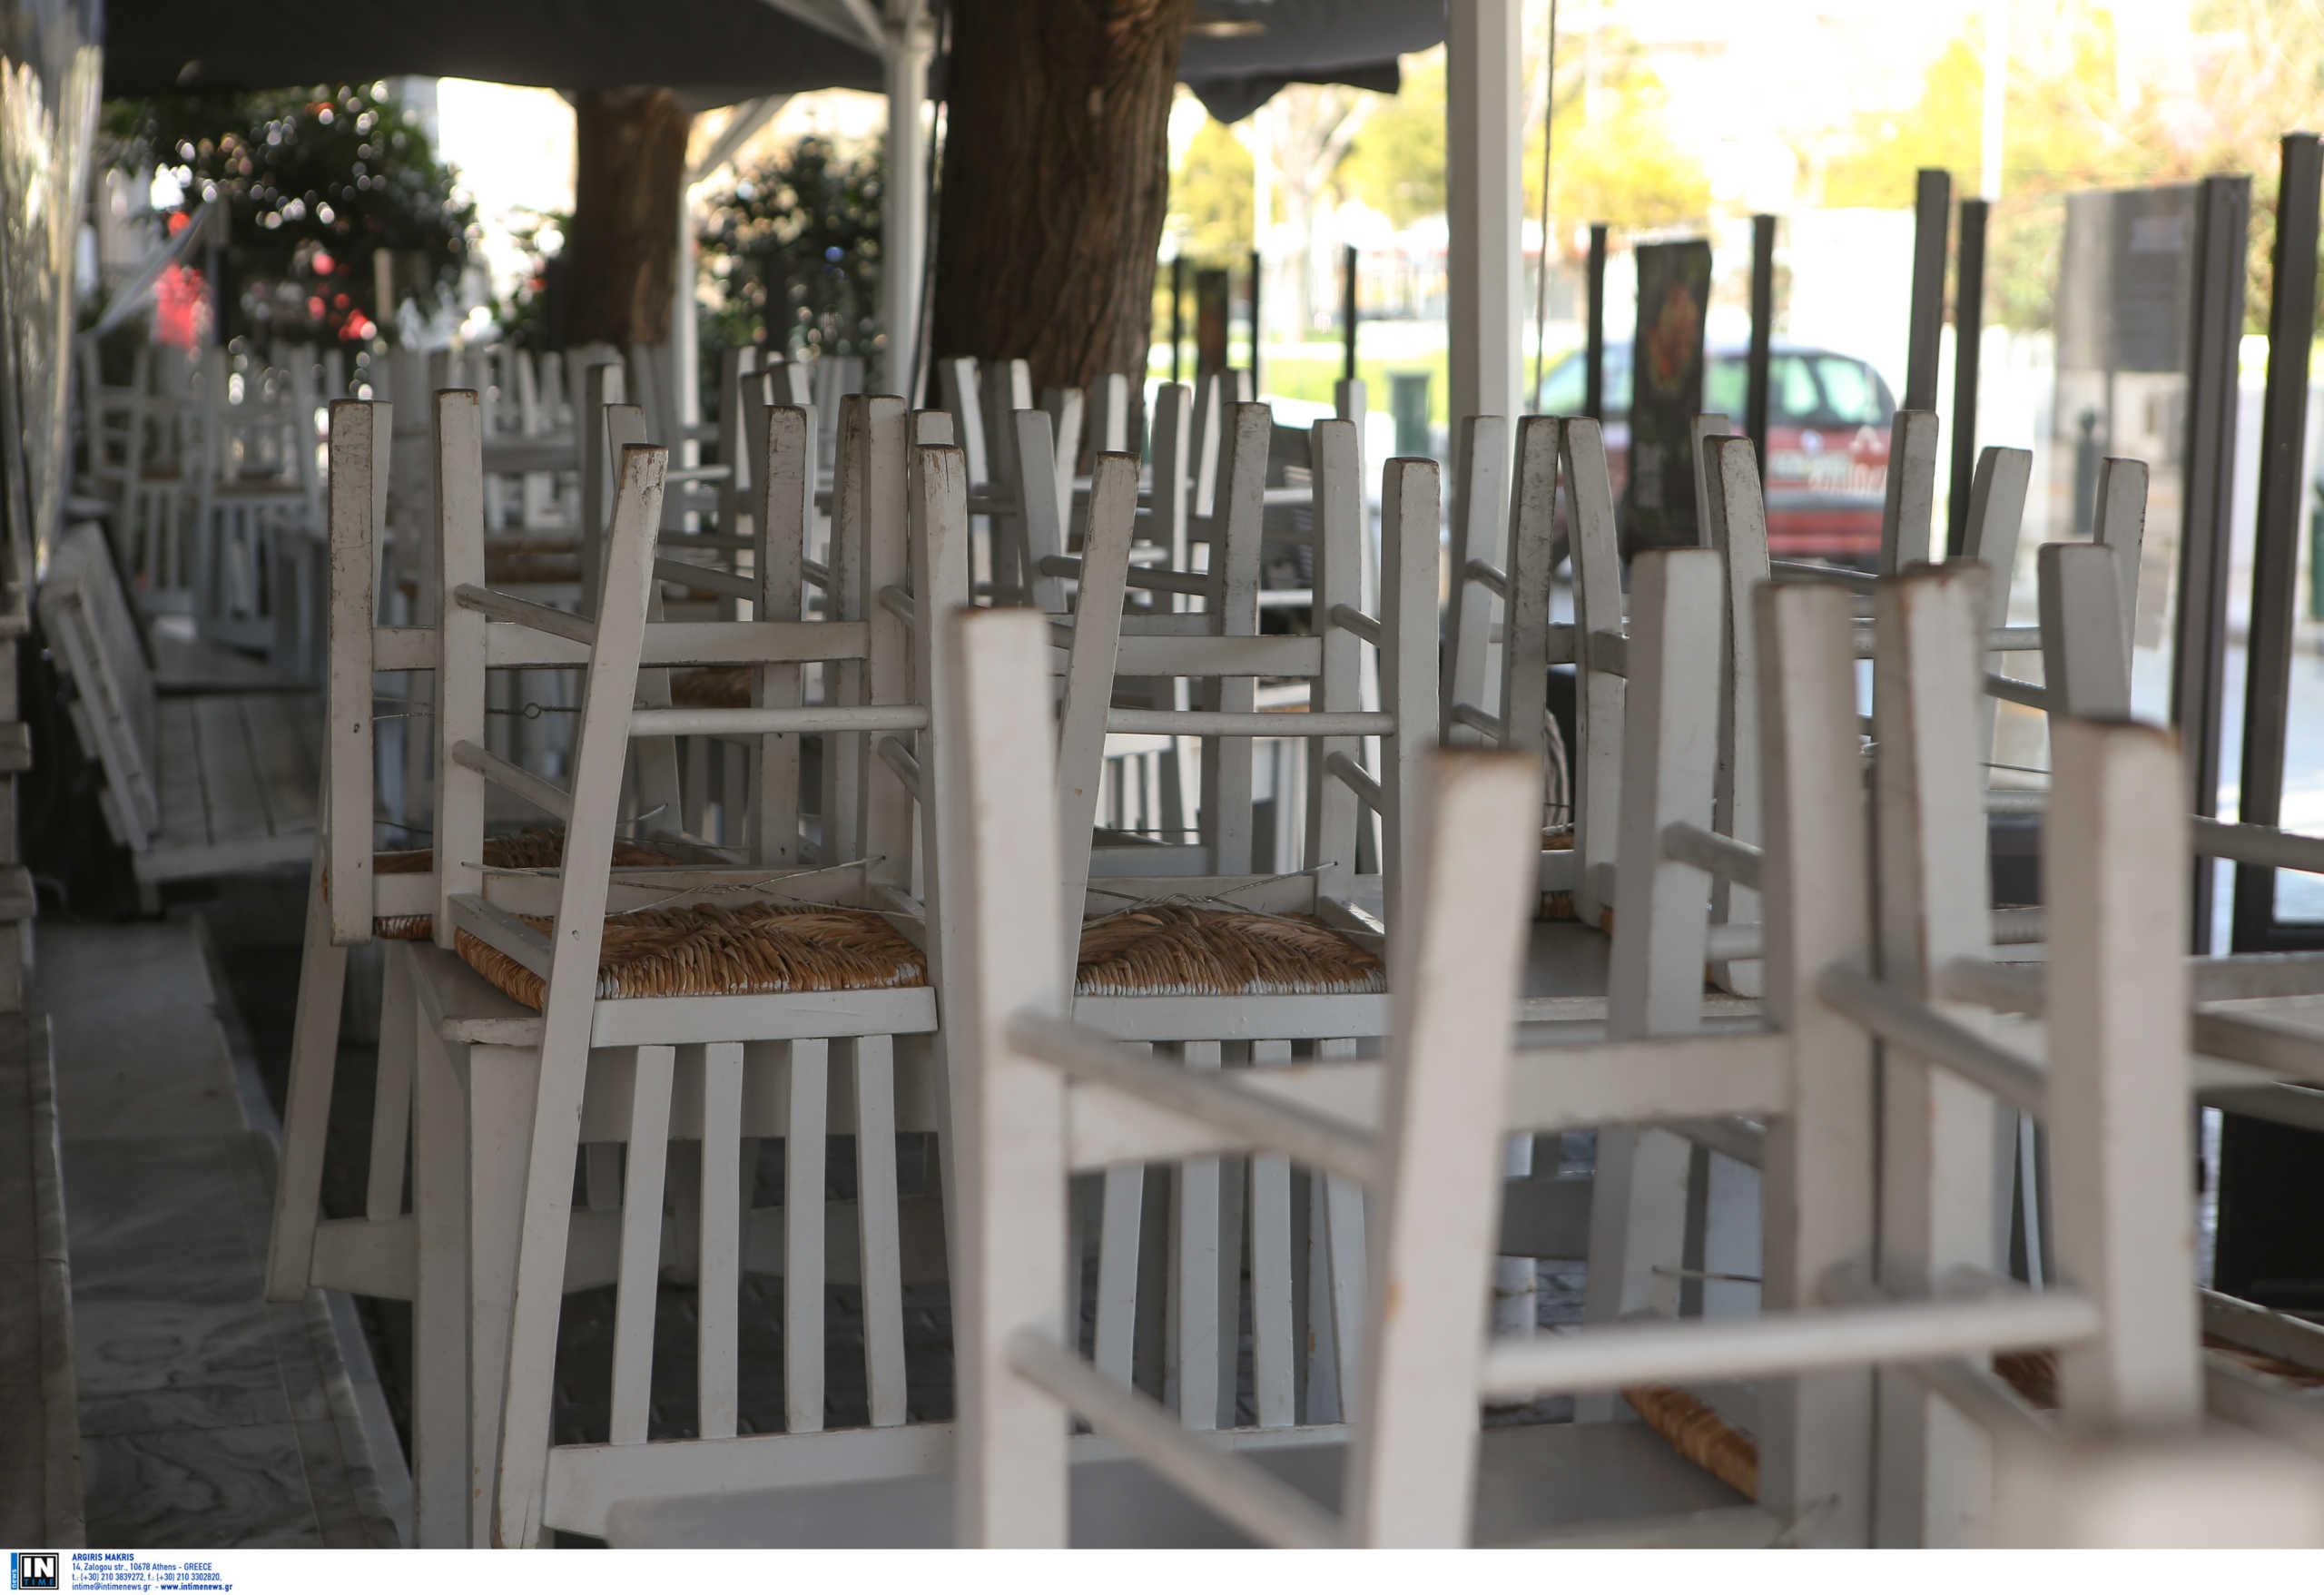 Εστίαση: Πλήρες άνοιγμα και όχι μόνο των εξωτερικών χώρων ζητά ο κλάδος